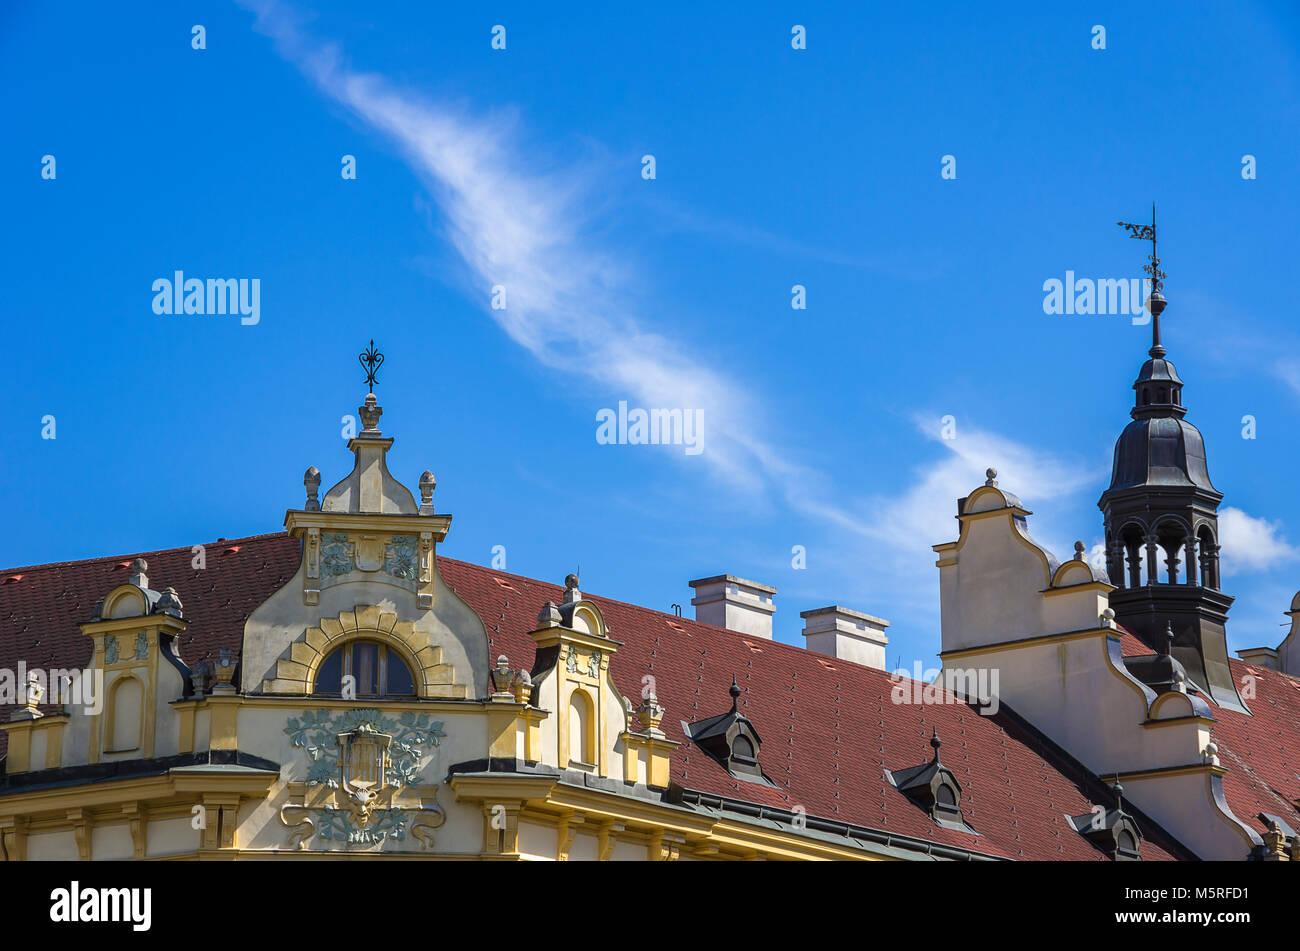 Klatovy, Tschechien - Ecke Giebel auf dem Dach eines historischen Gebäudes in der Altstadt. Stockbild